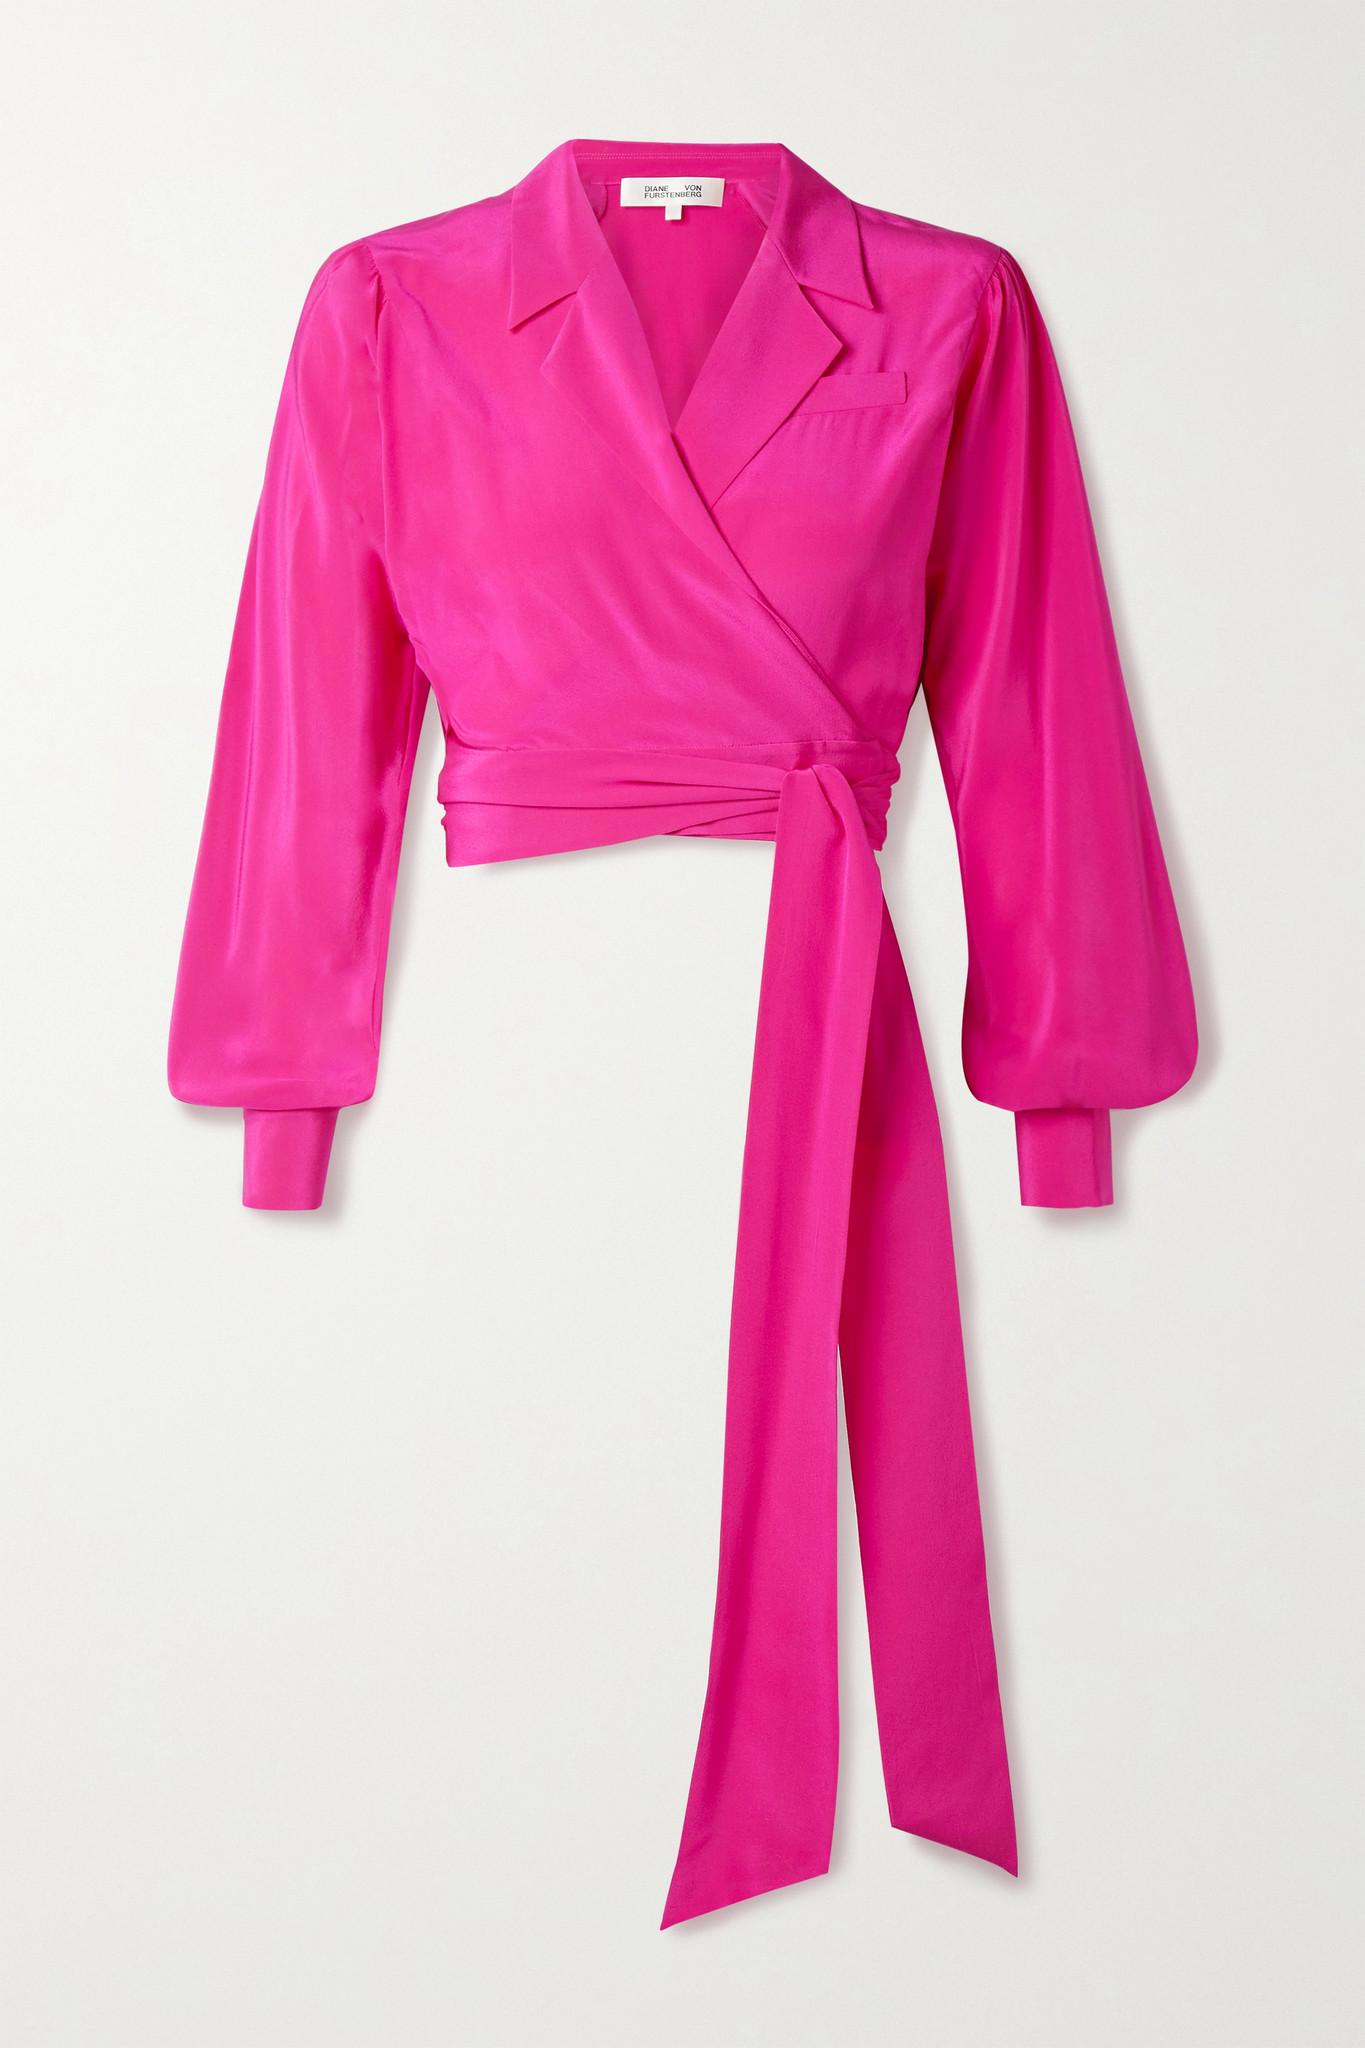 DIANE VON FURSTENBERG - Stephanie 真丝双绉围裹式短款上衣 - 粉红色 - US8